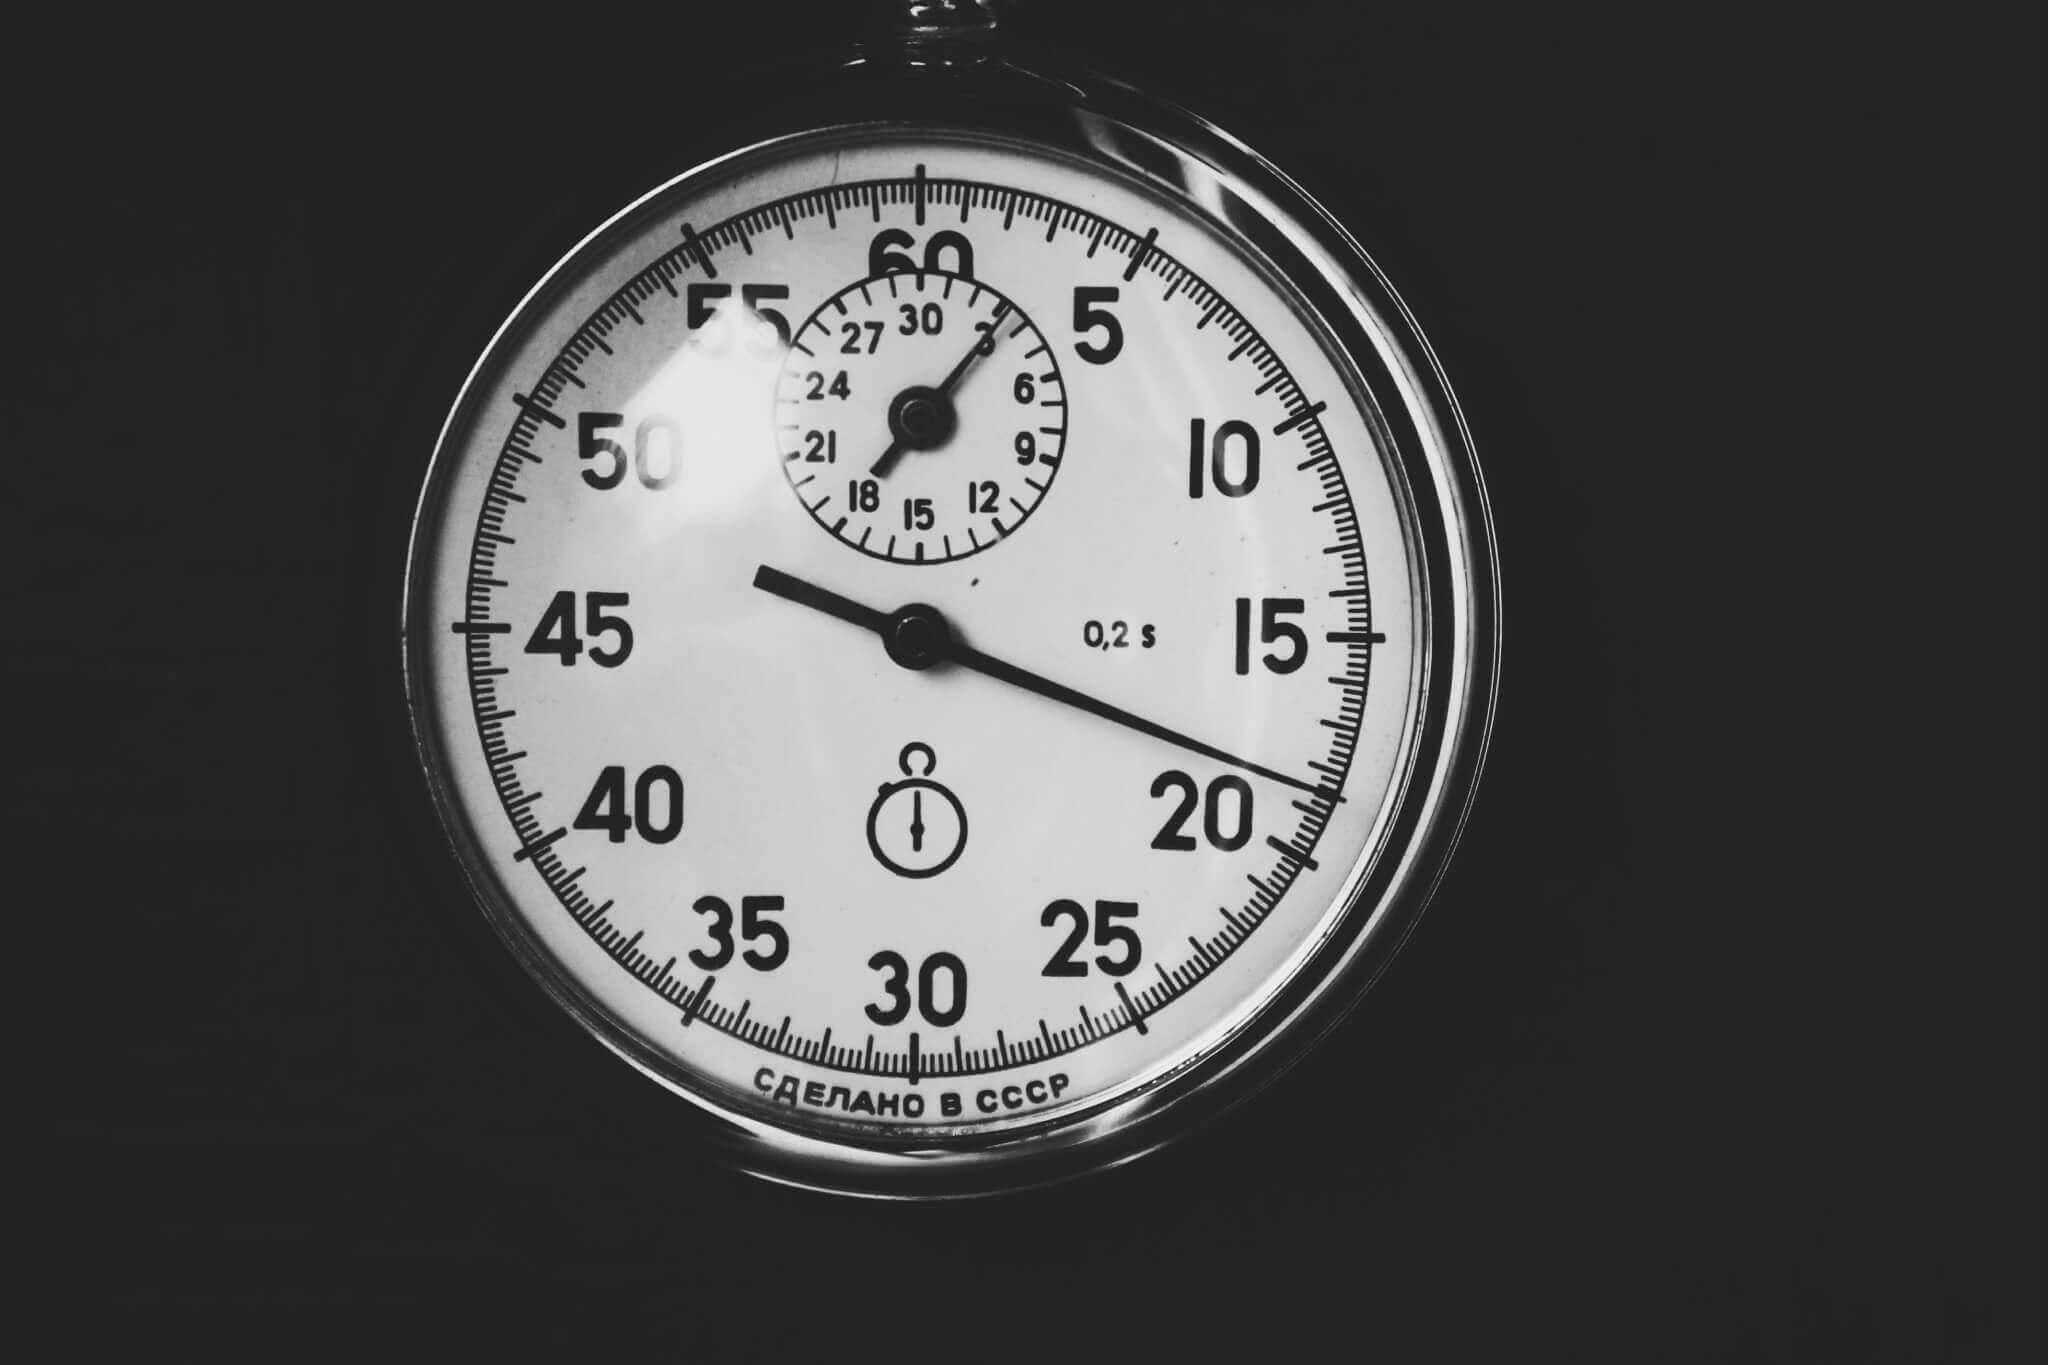 Zeiterfassung zur Messbarkeit von Arbeitsleistung (c) pixabay.de